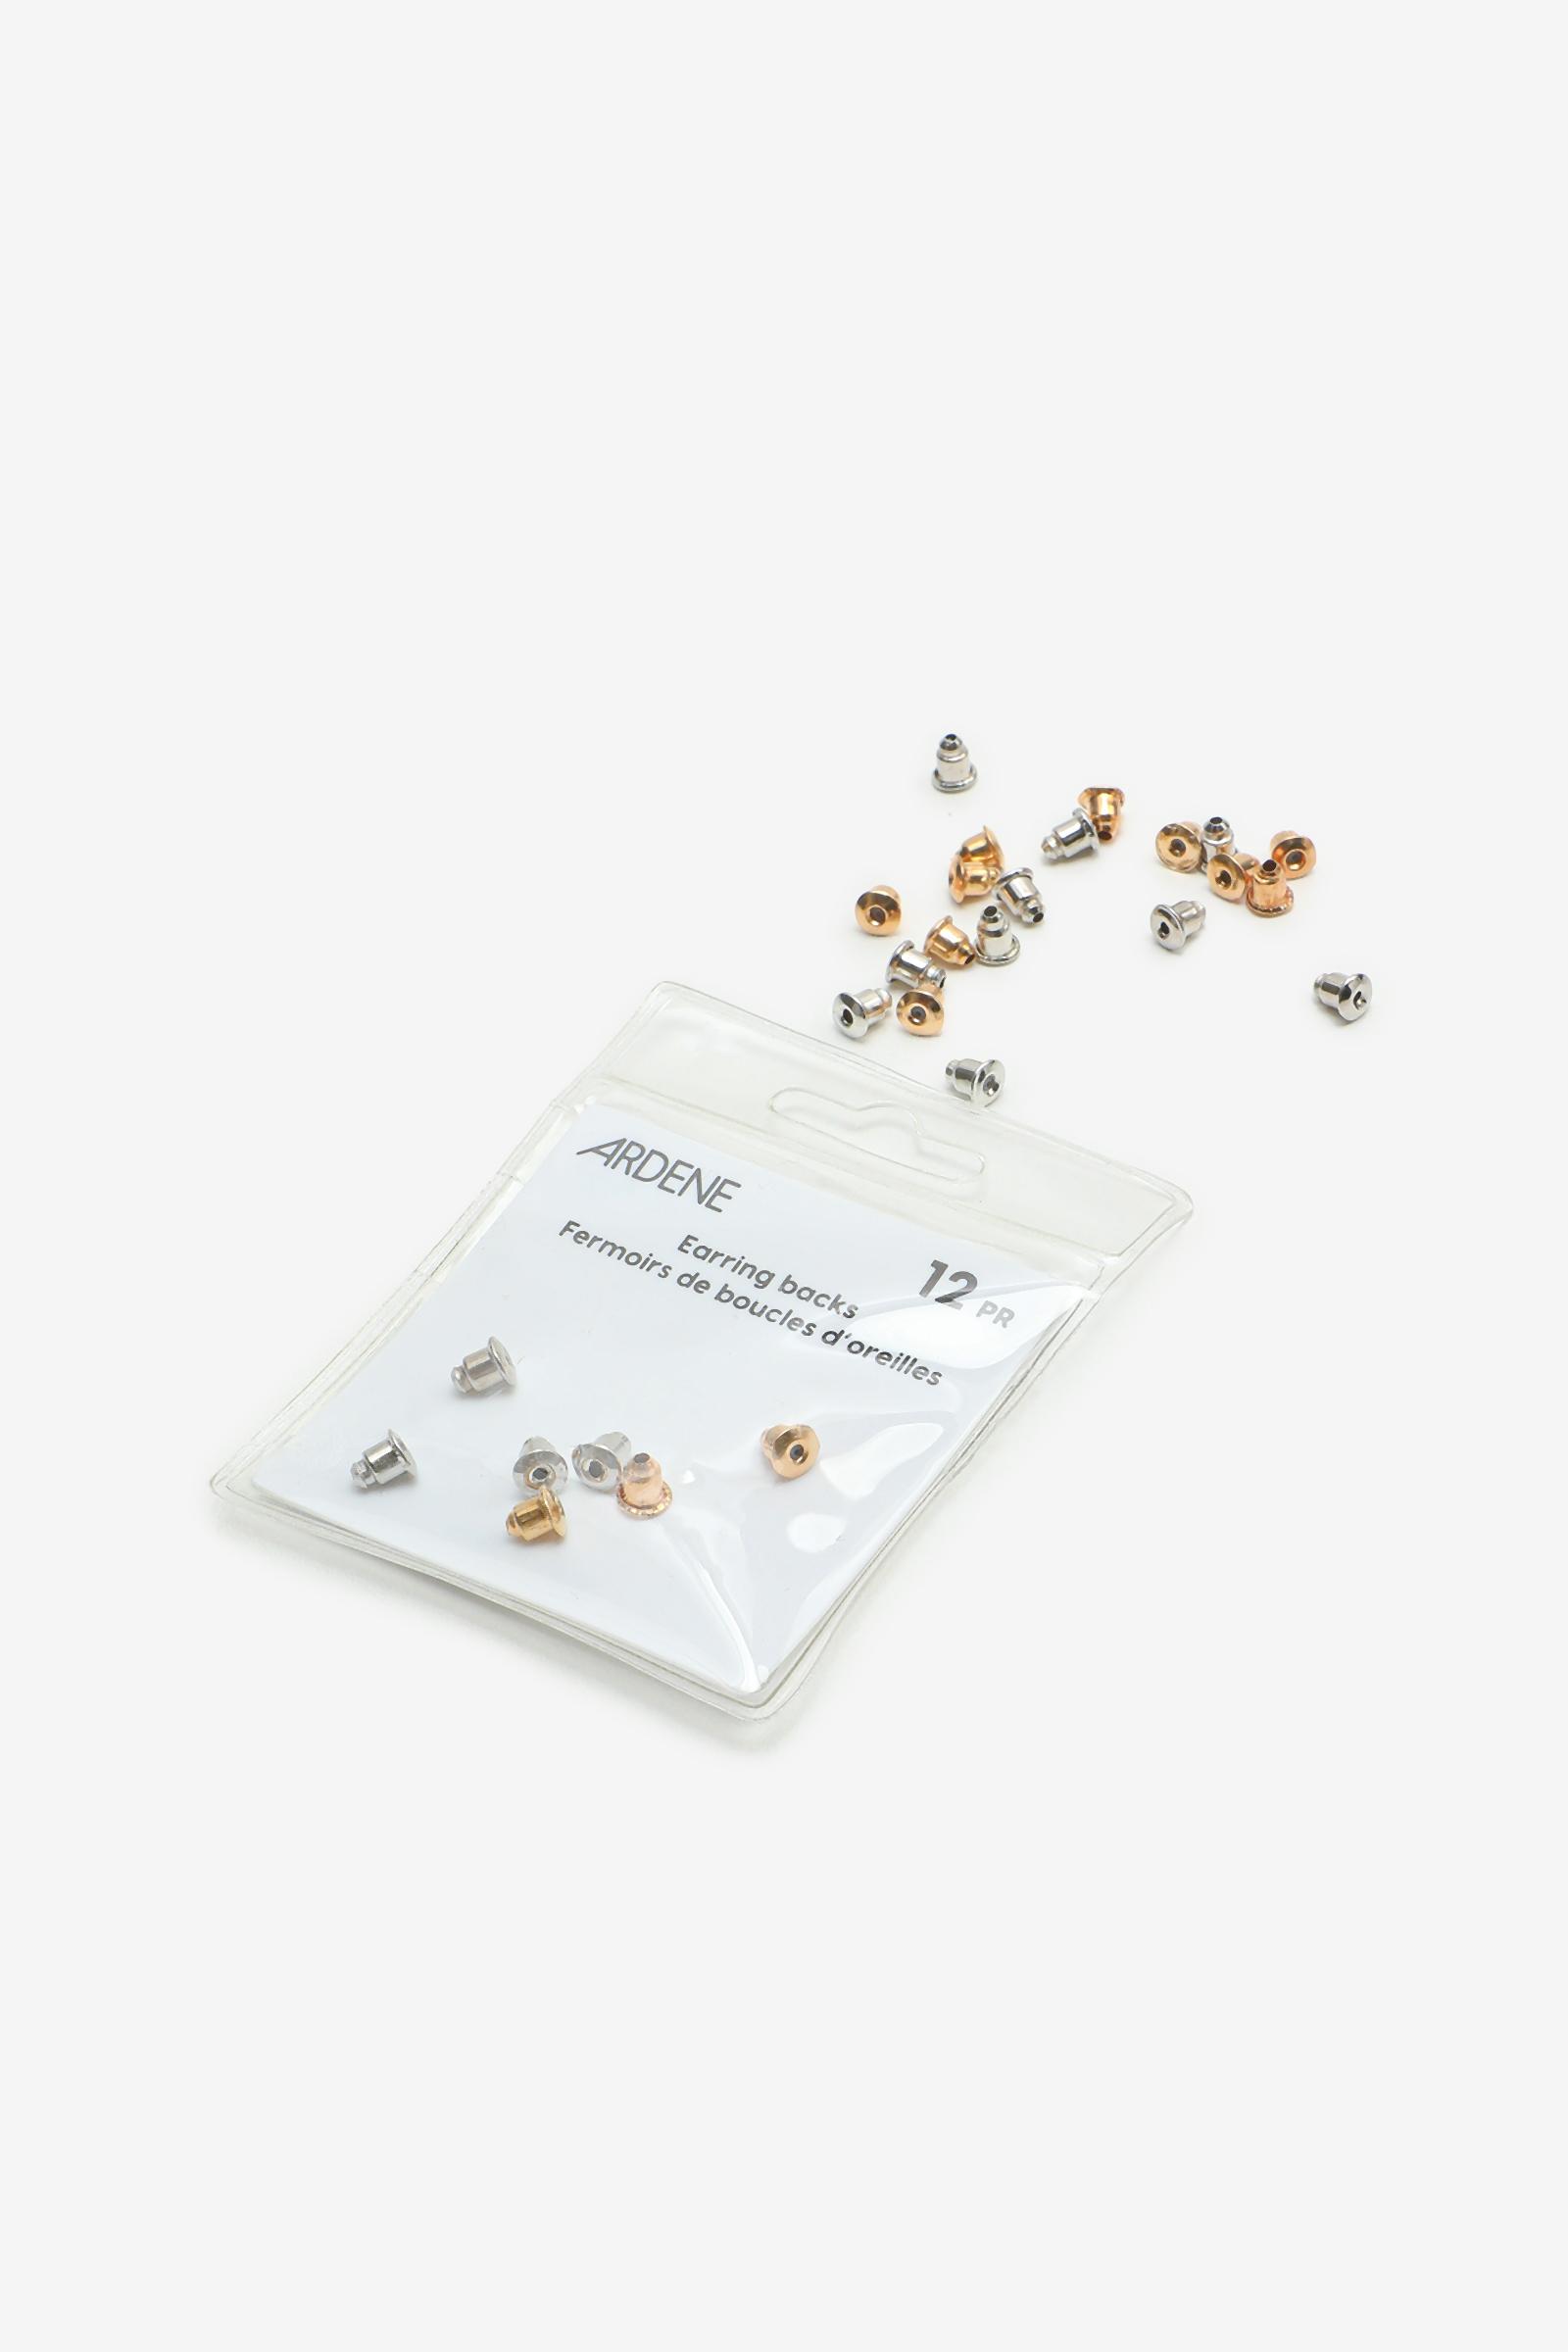 Pack of Earring Bullet Backings